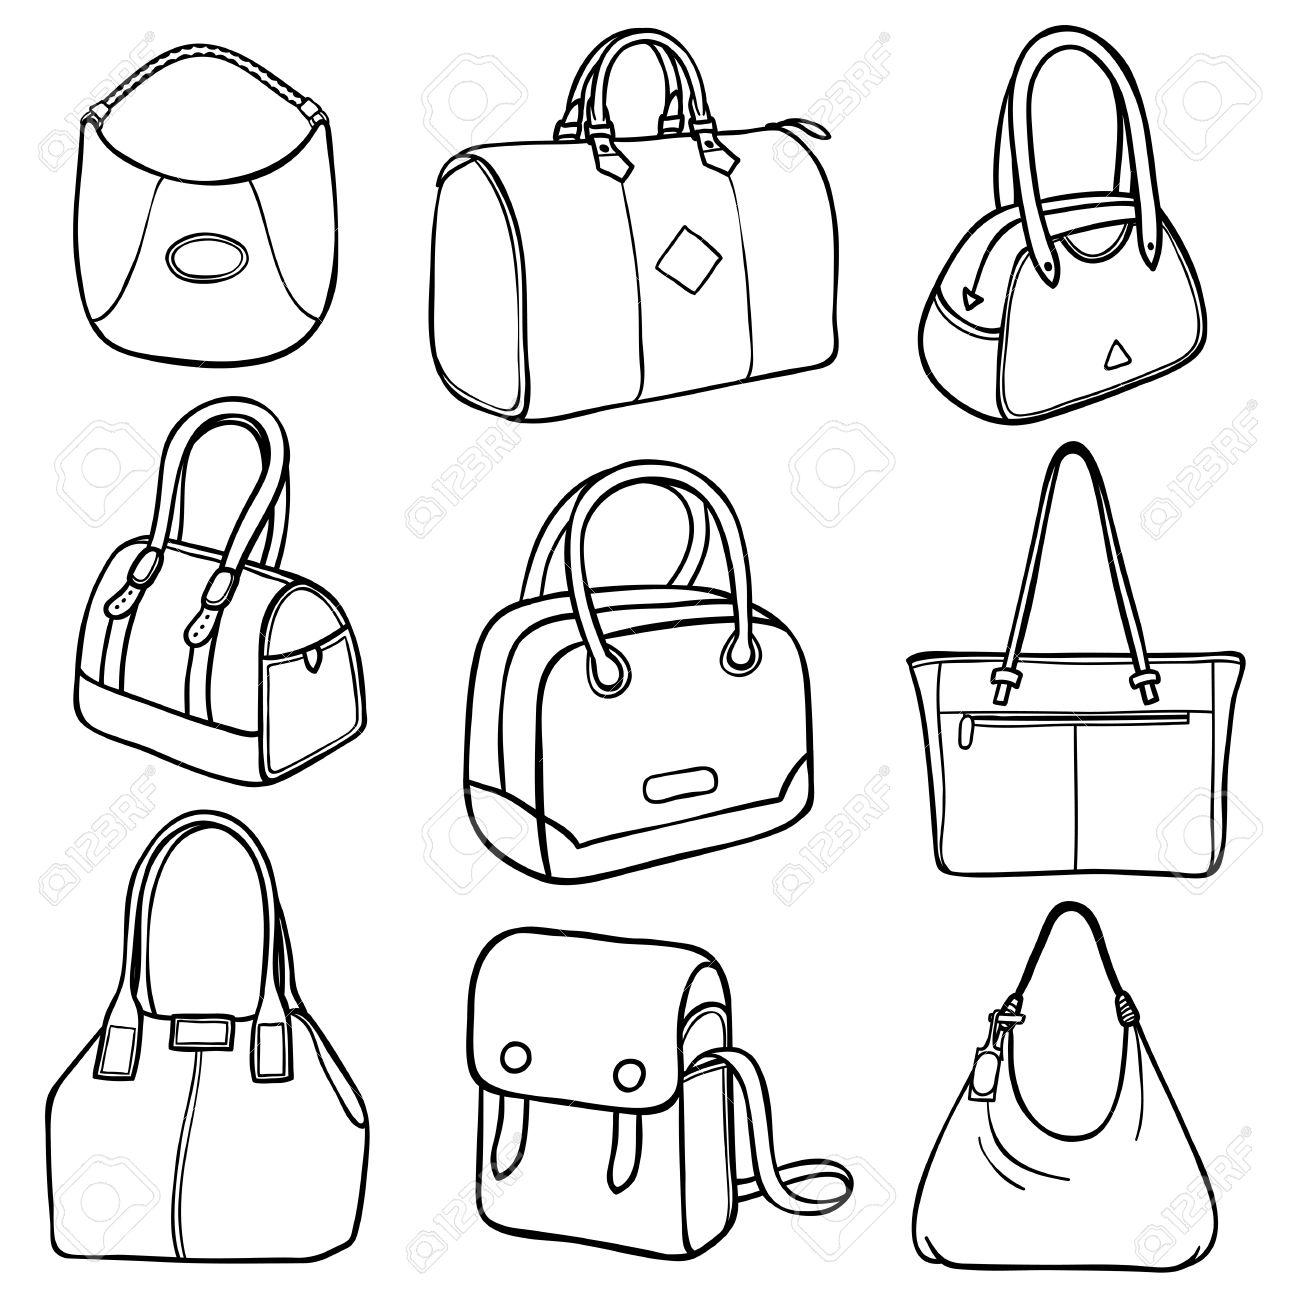 35fdd9114e5c62 LCollection neun Umrisse Damen Handtaschen in verschiedenen Stilen und  Designs